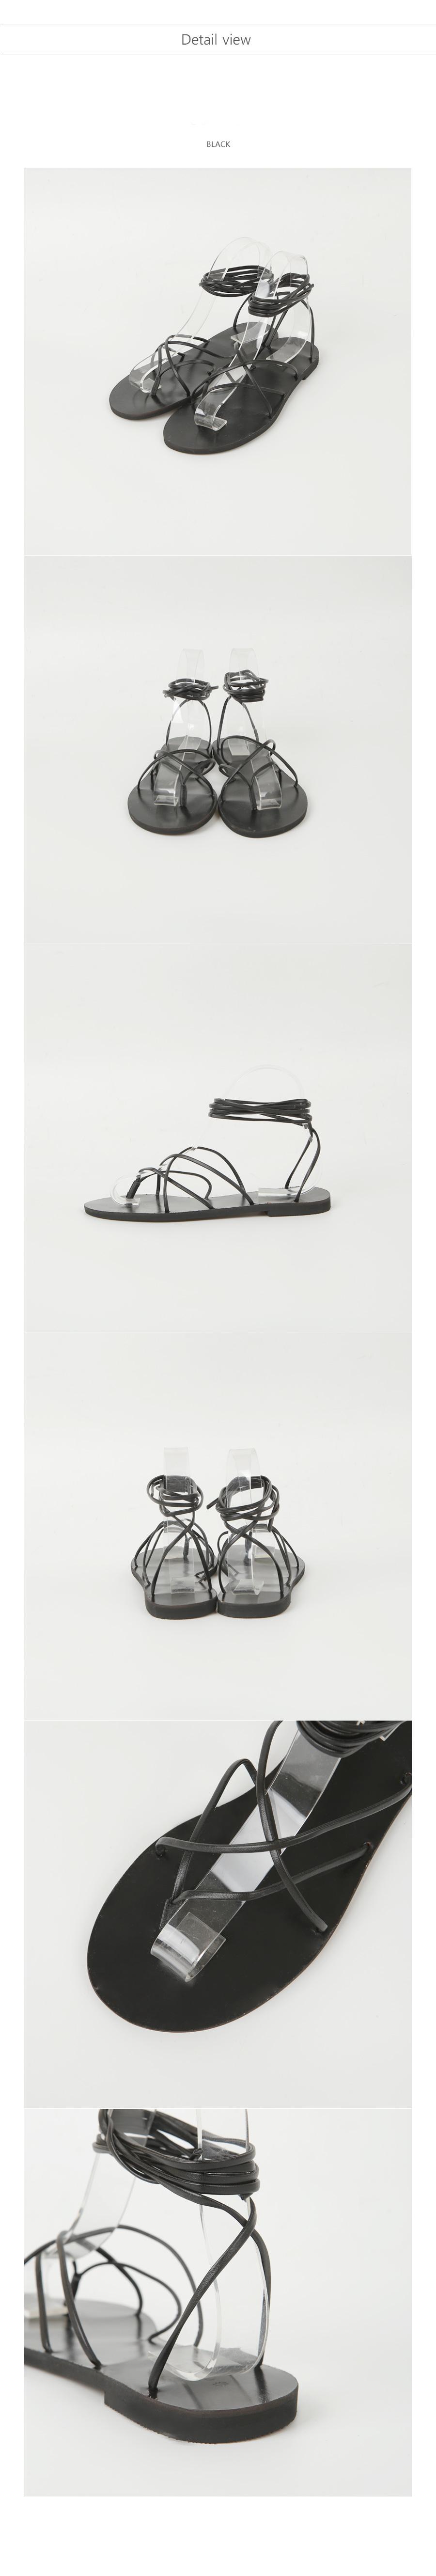 tie strap sandals